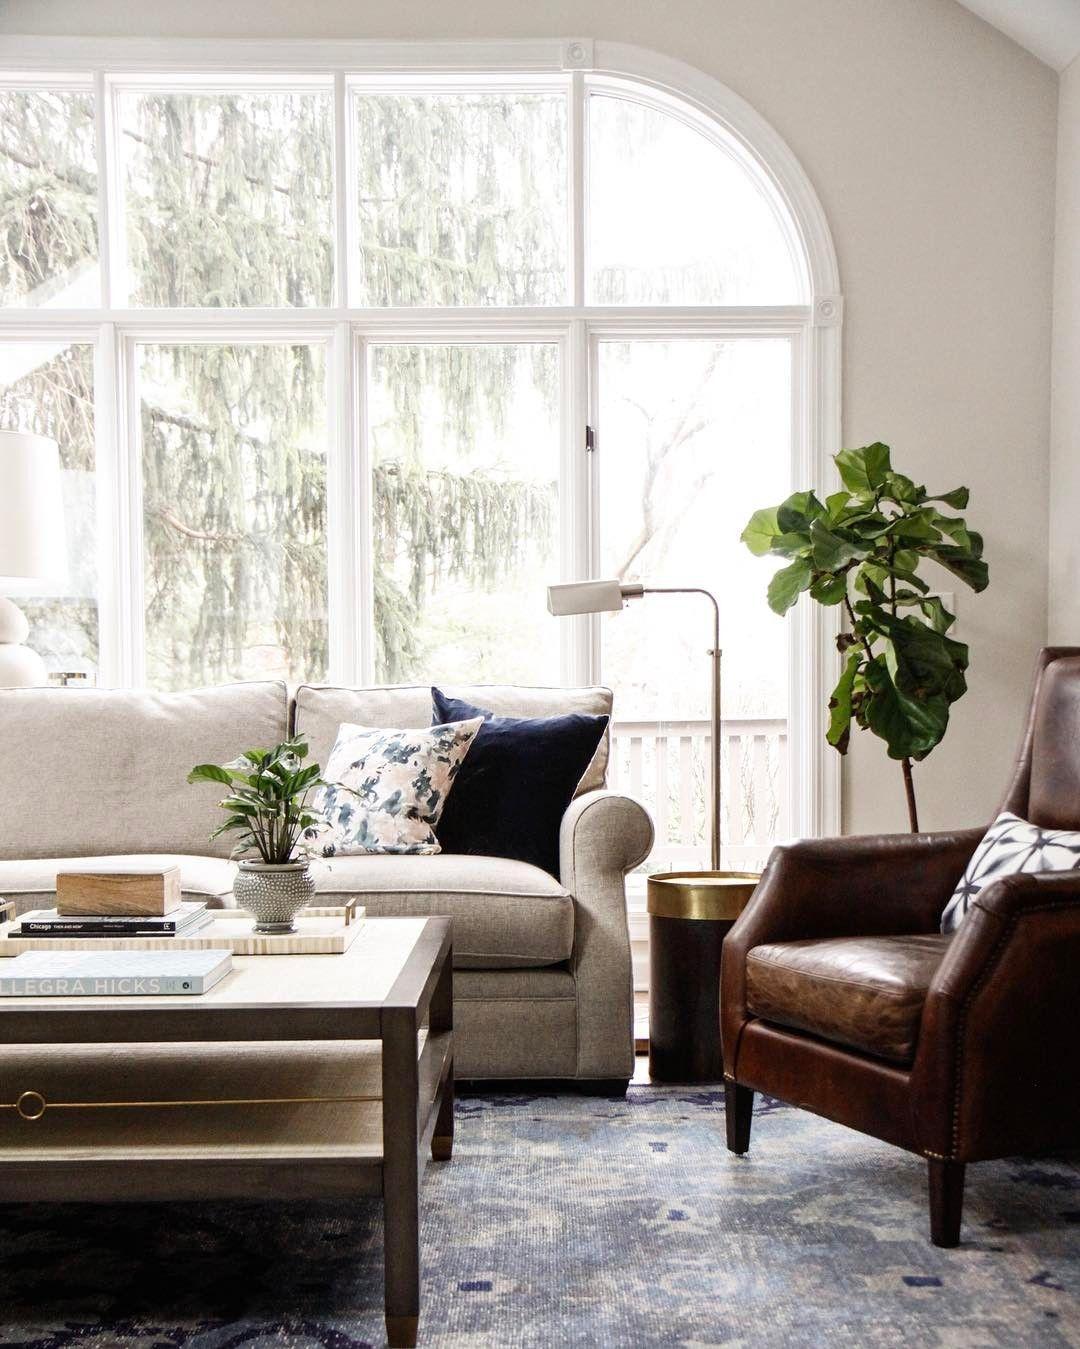 Park Oak Parkandoakdesign Instagram Photos And Videos Transitional Living Room Design Transitional Living Rooms Living Room Interior #transitional #living #room #design